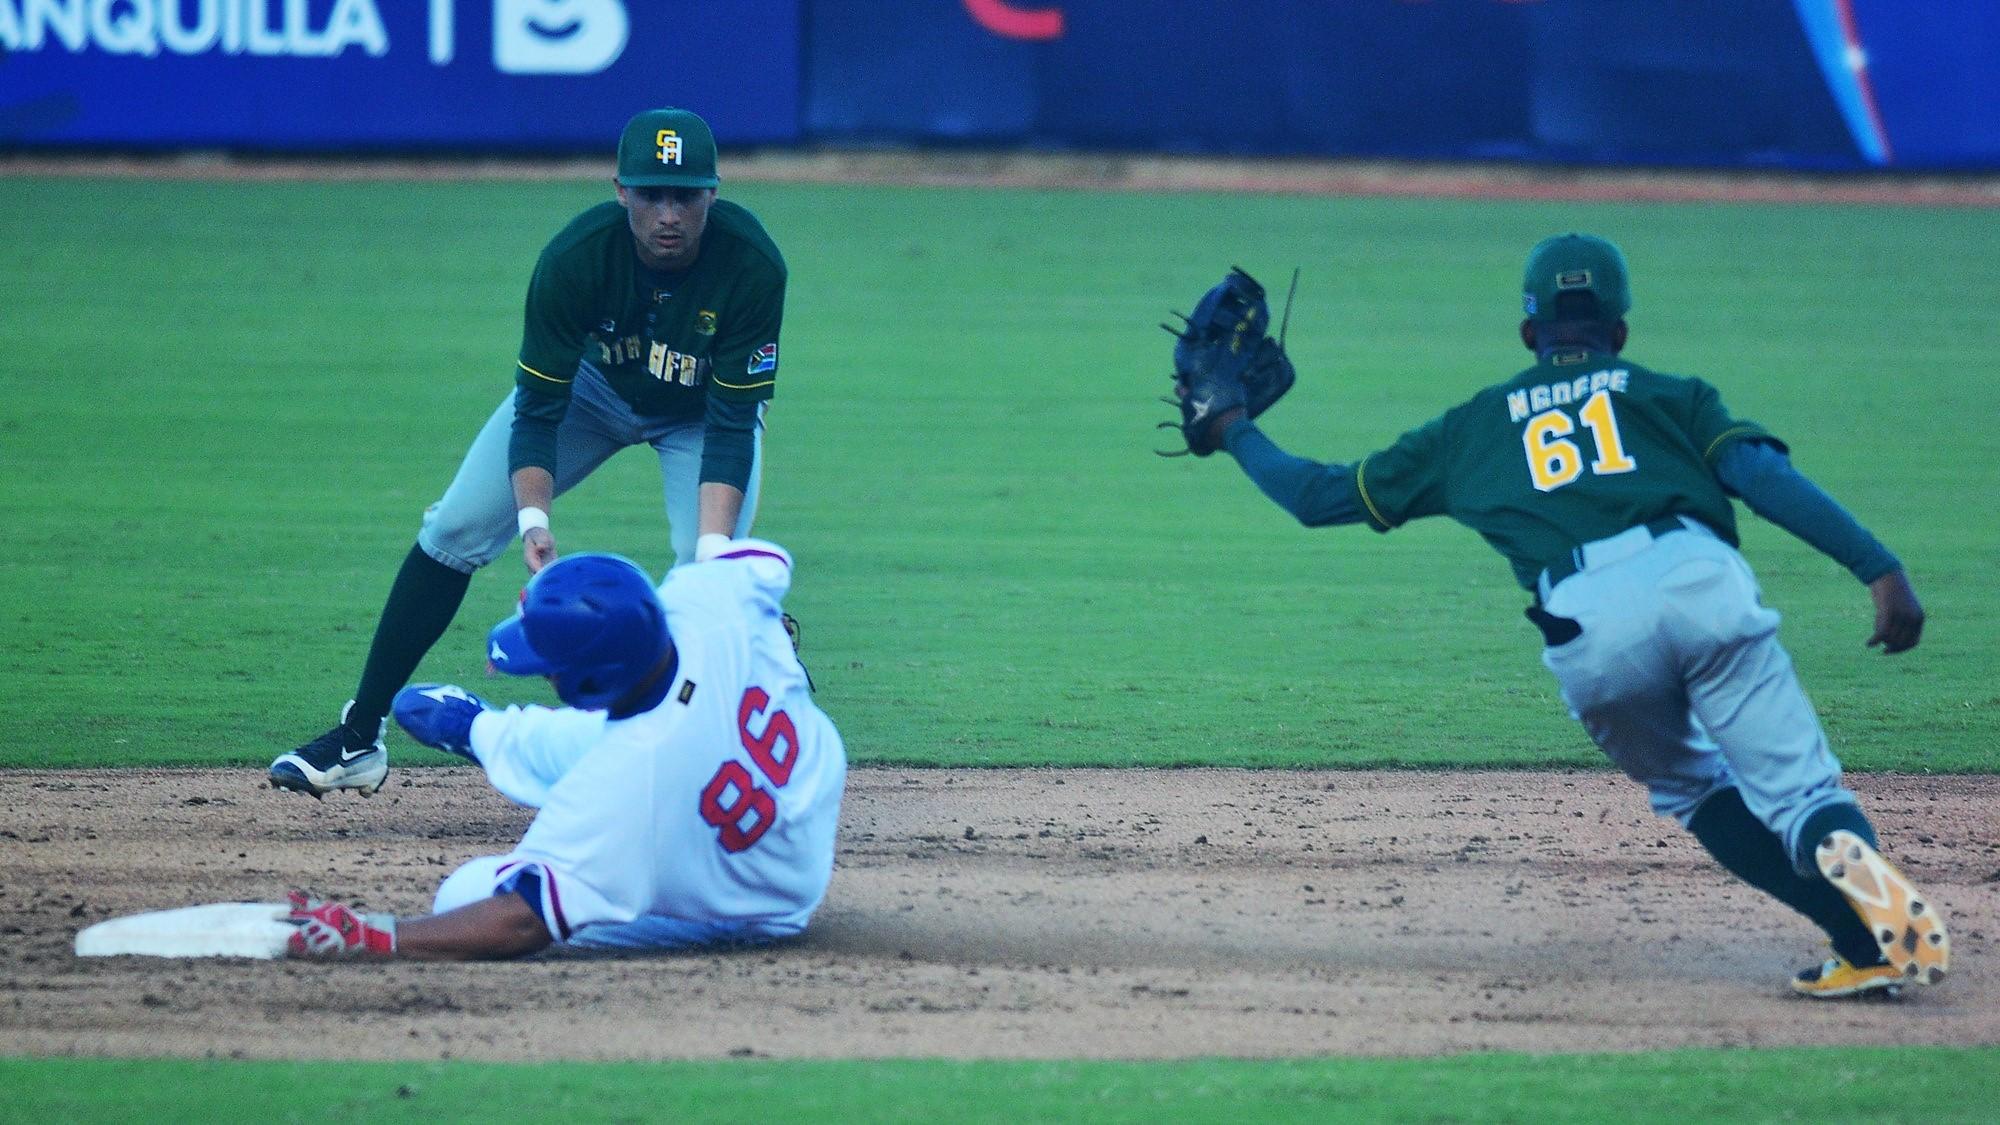 Li Yu Chuan slides in between Victor Ngoepe and Nicolas Eagles